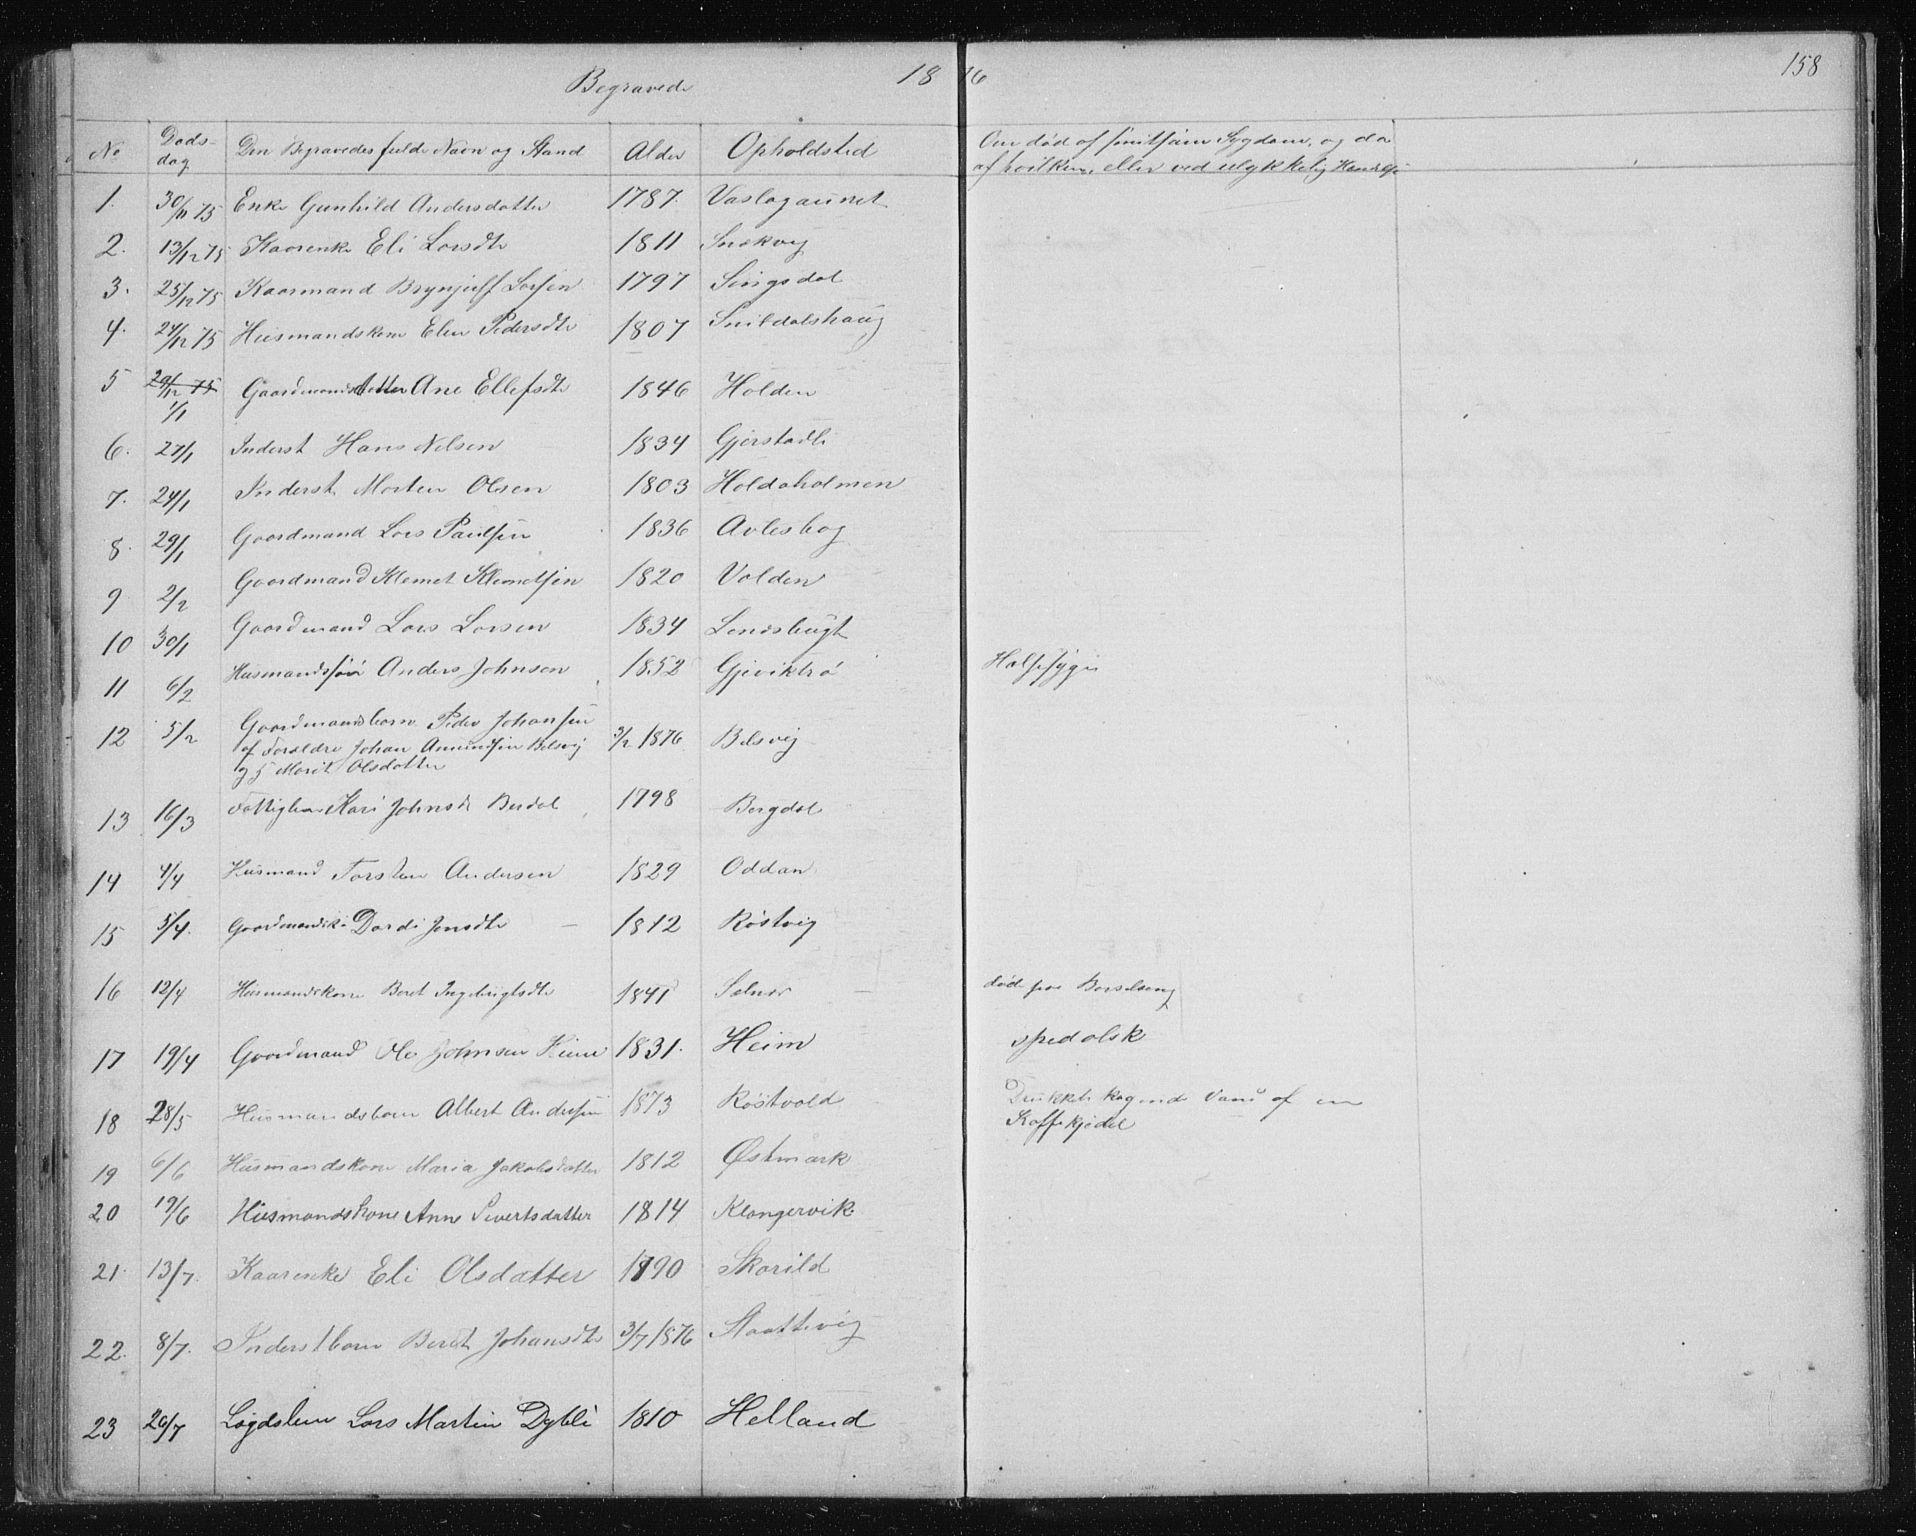 SAT, Ministerialprotokoller, klokkerbøker og fødselsregistre - Sør-Trøndelag, 630/L0503: Klokkerbok nr. 630C01, 1869-1878, s. 158